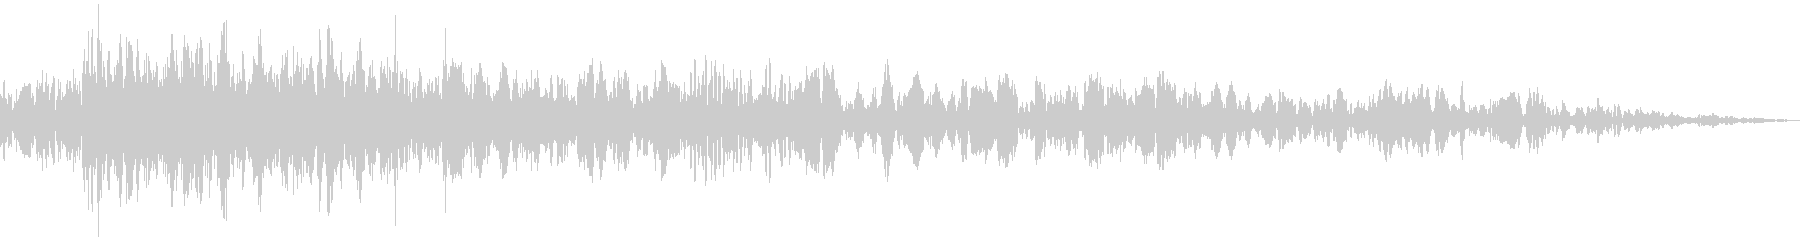 砕け散る音03の未再生の波形